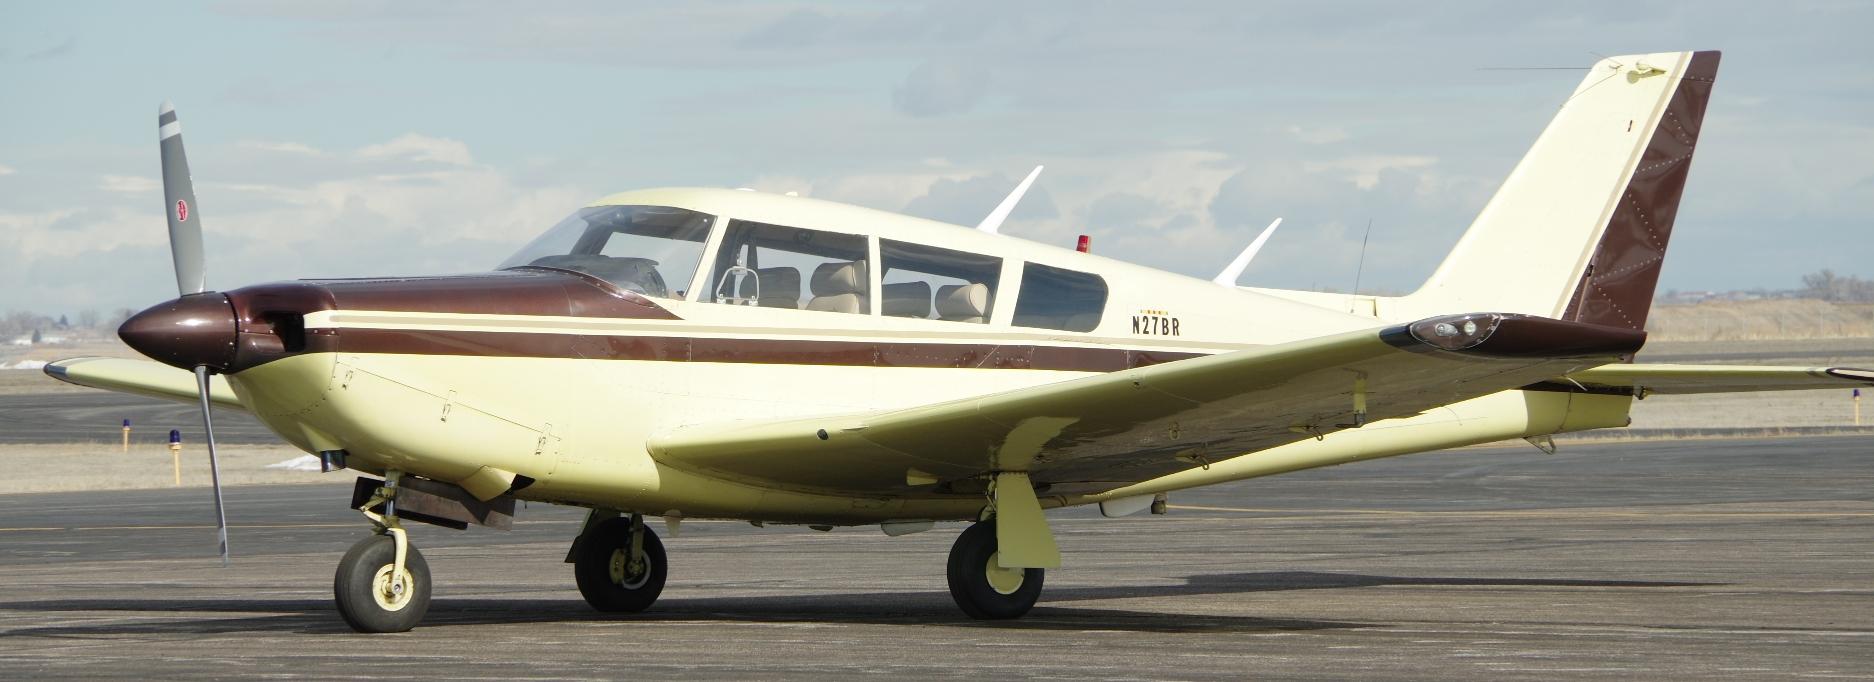 Larson Aircraft Sales: 1970 Piper Comanche 260C For Sale